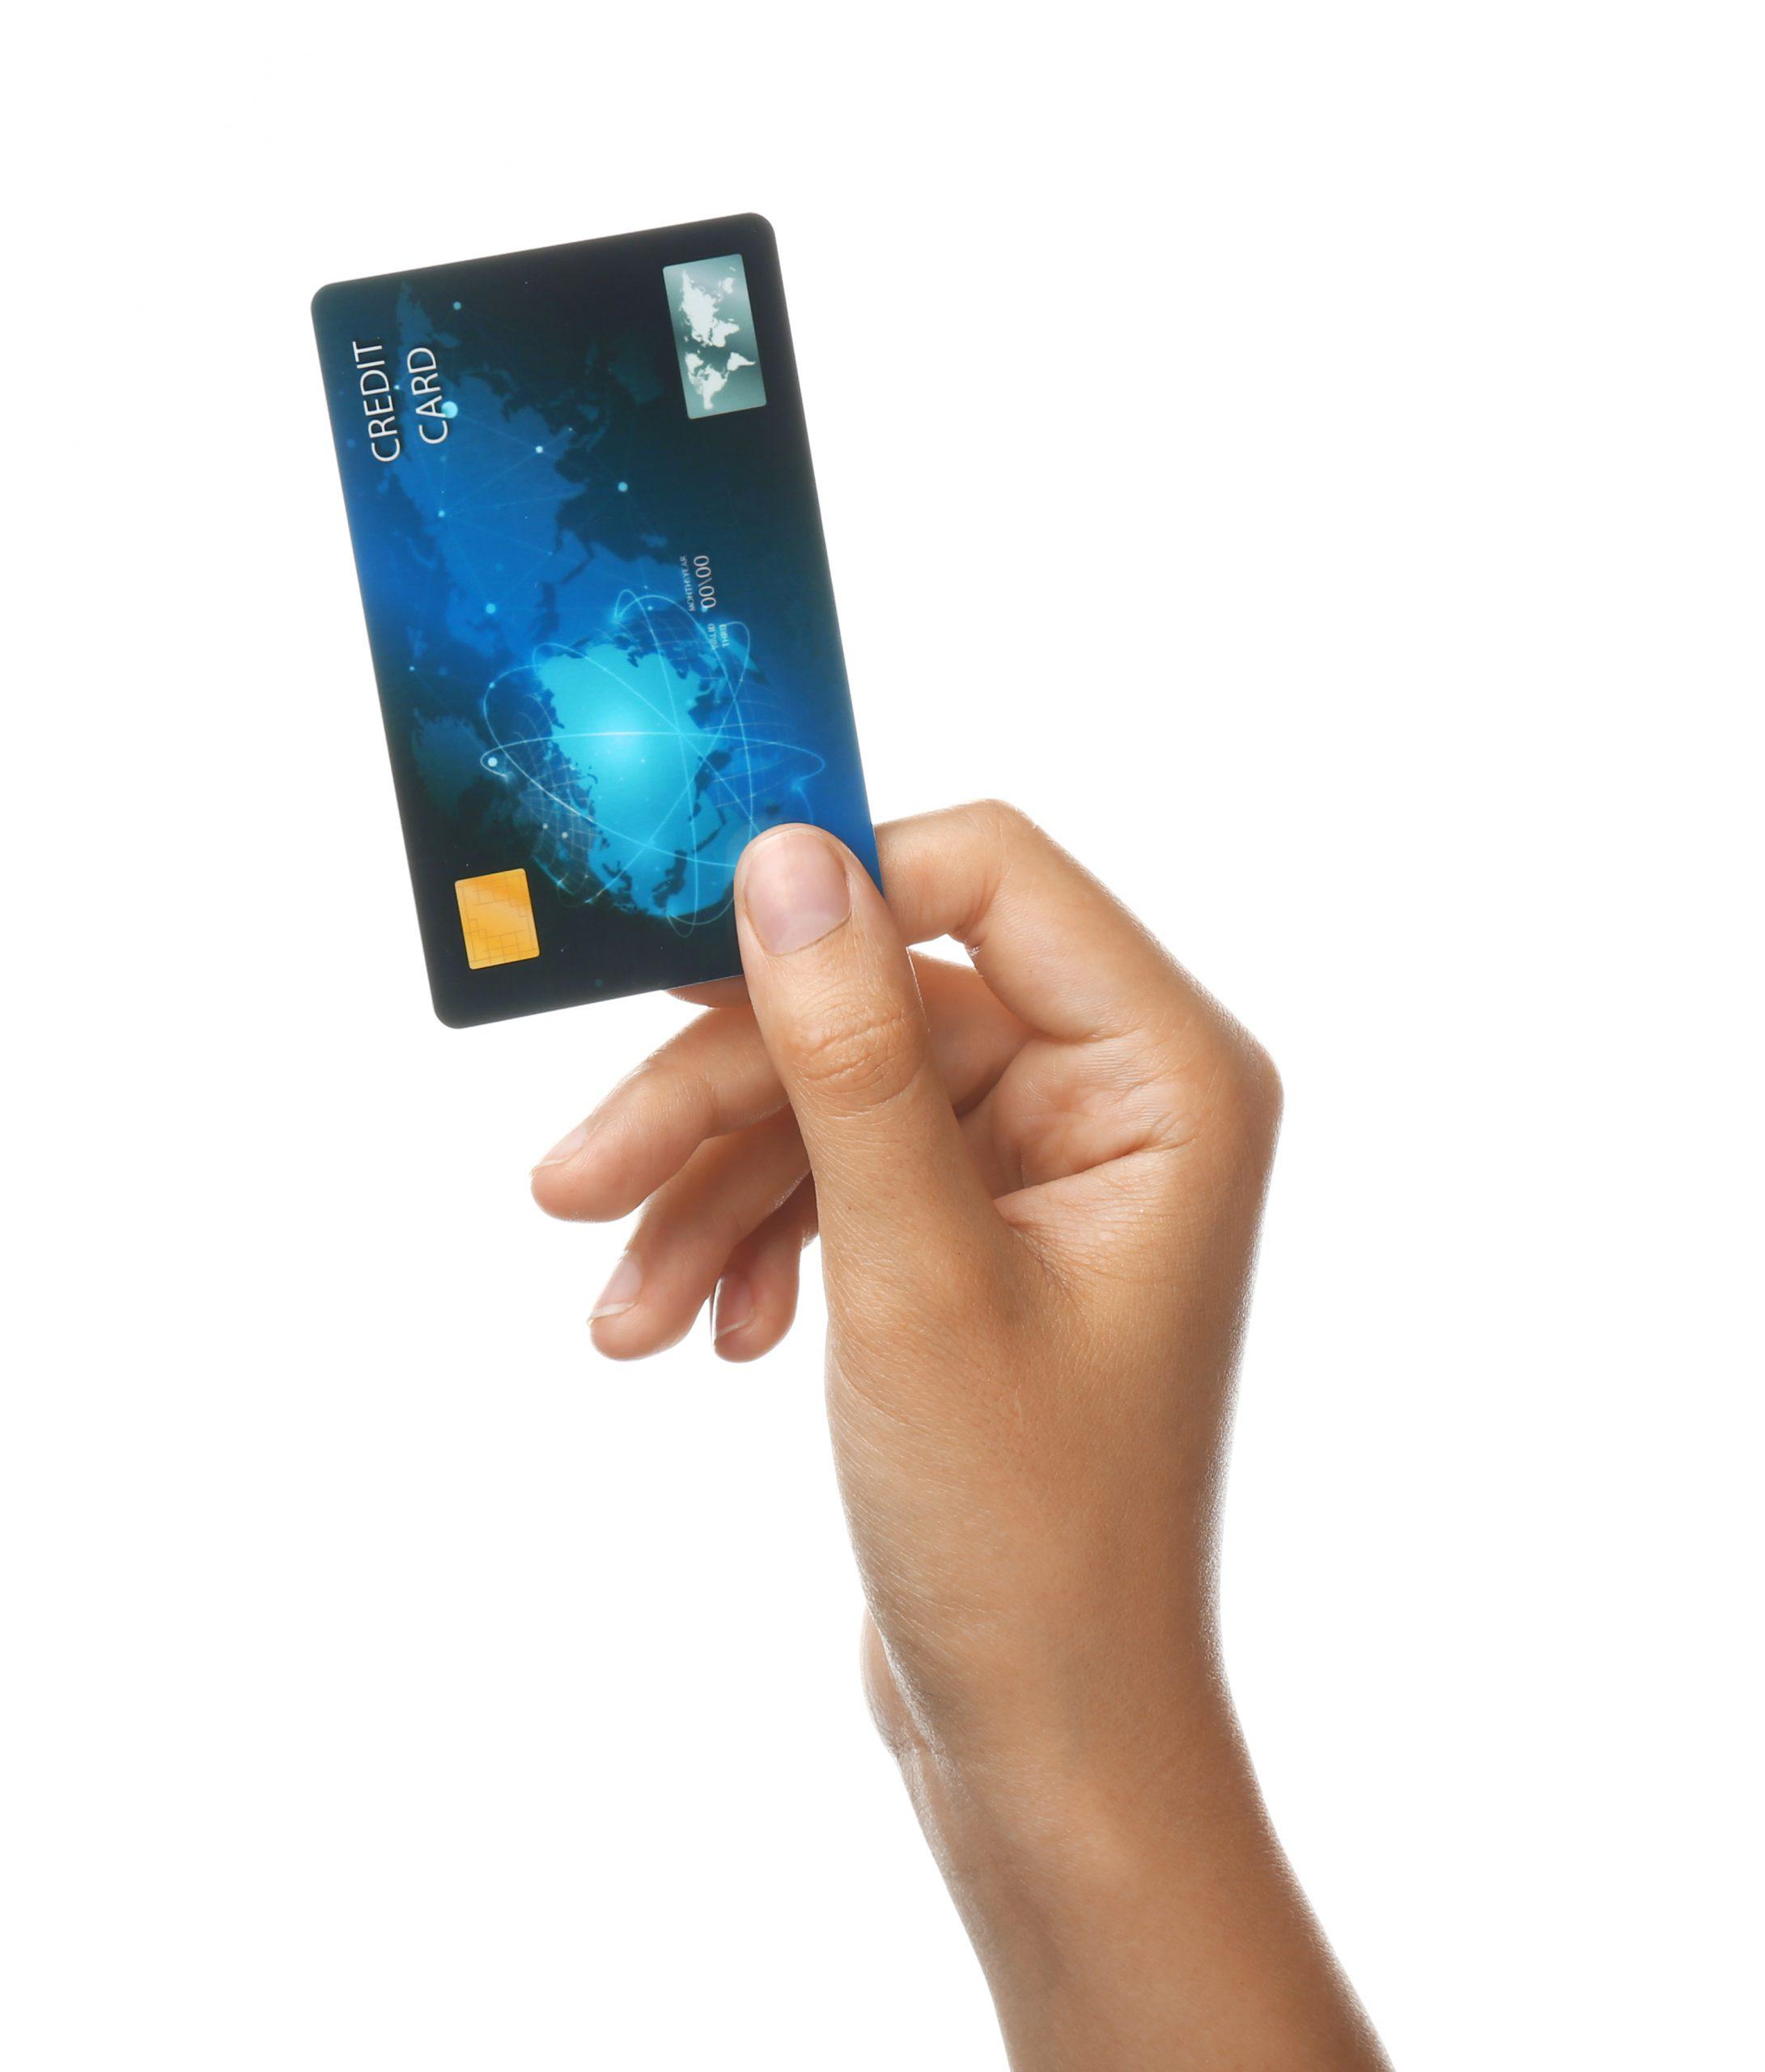 ホテルブッキングイメージ - クレジットカード